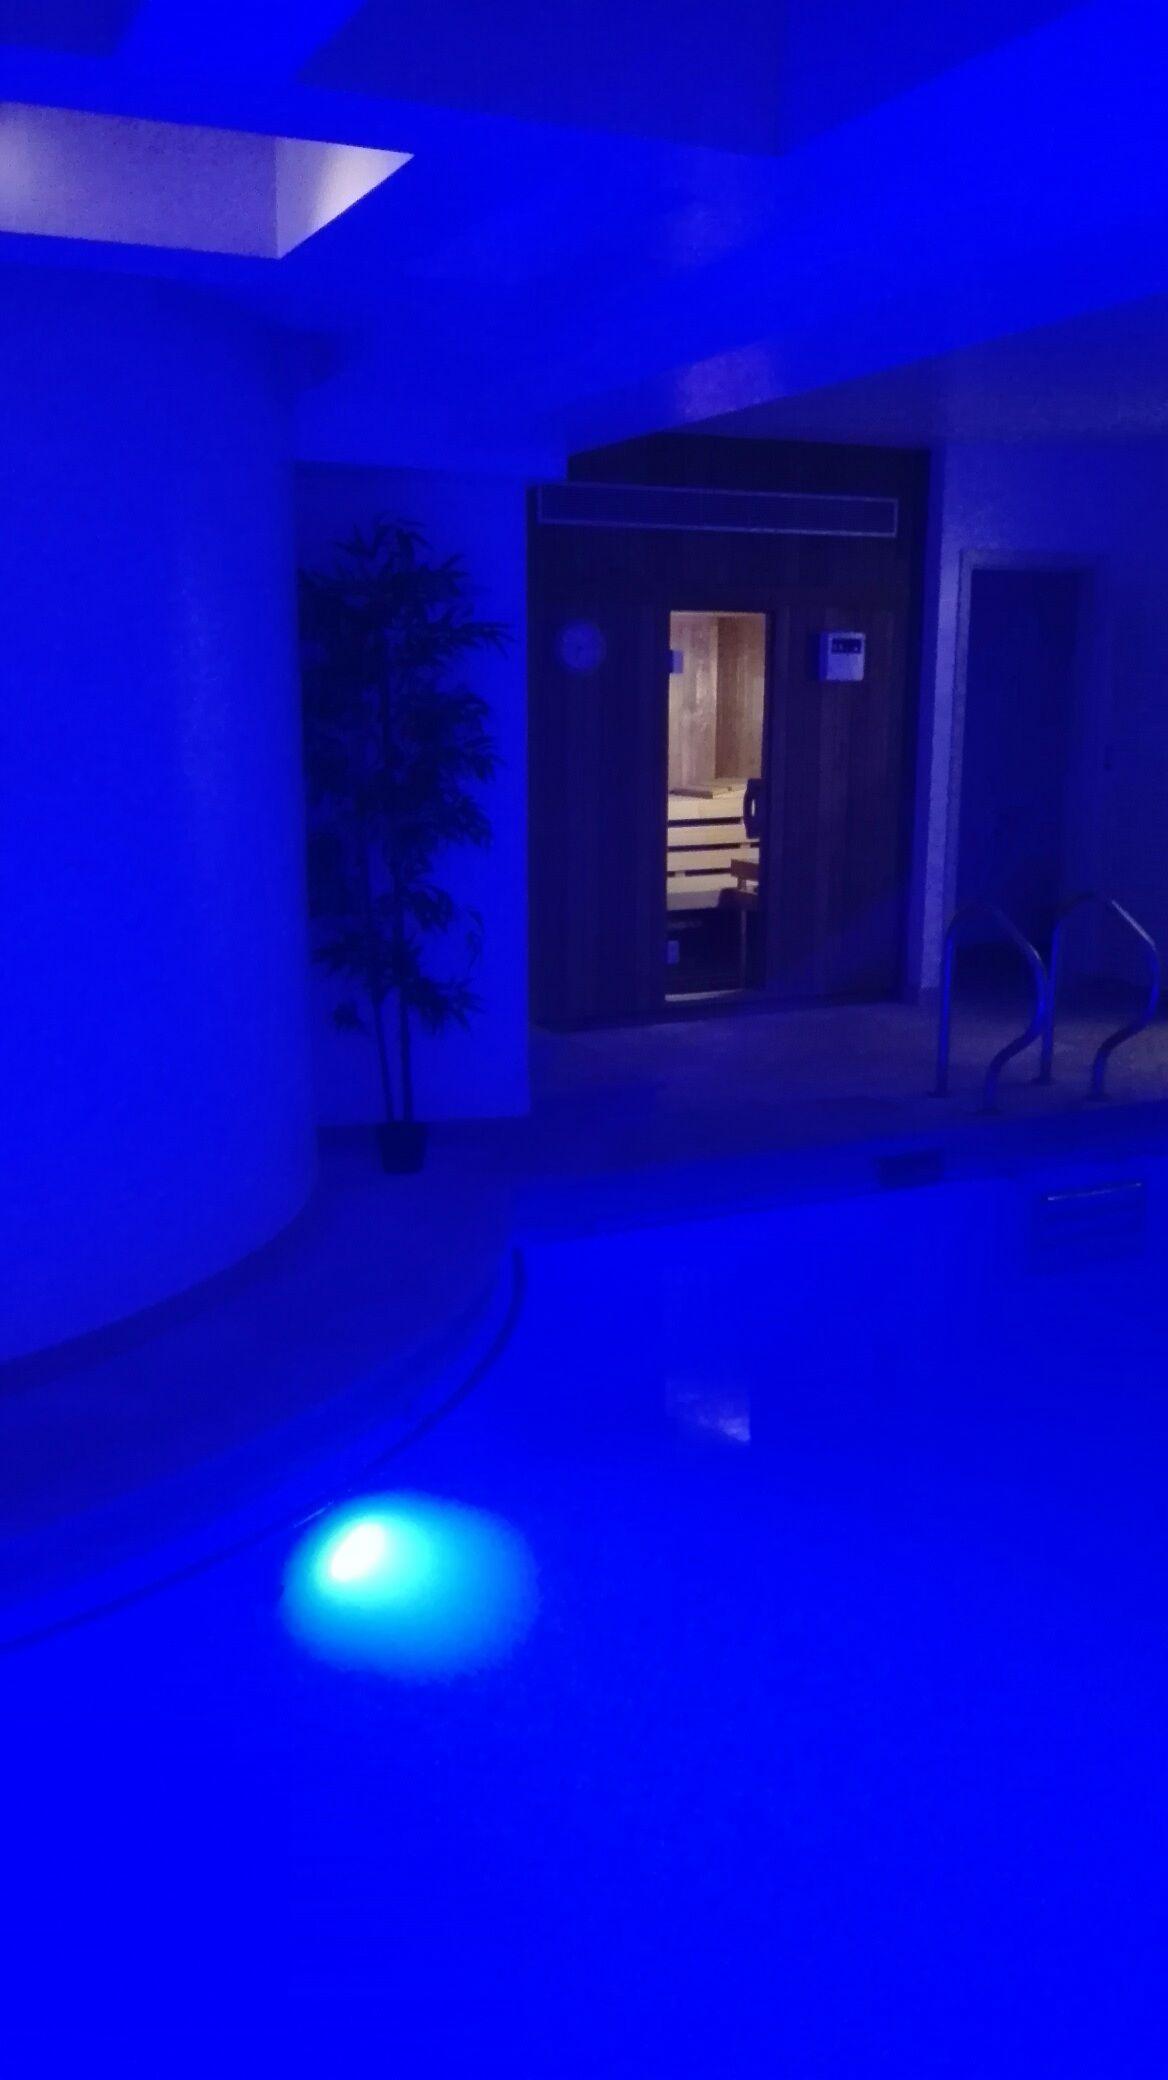 Prive Sauna Zwembad.Zoekt U Nog Een Last Minute Prive Sauna Met Zwembad Of Een